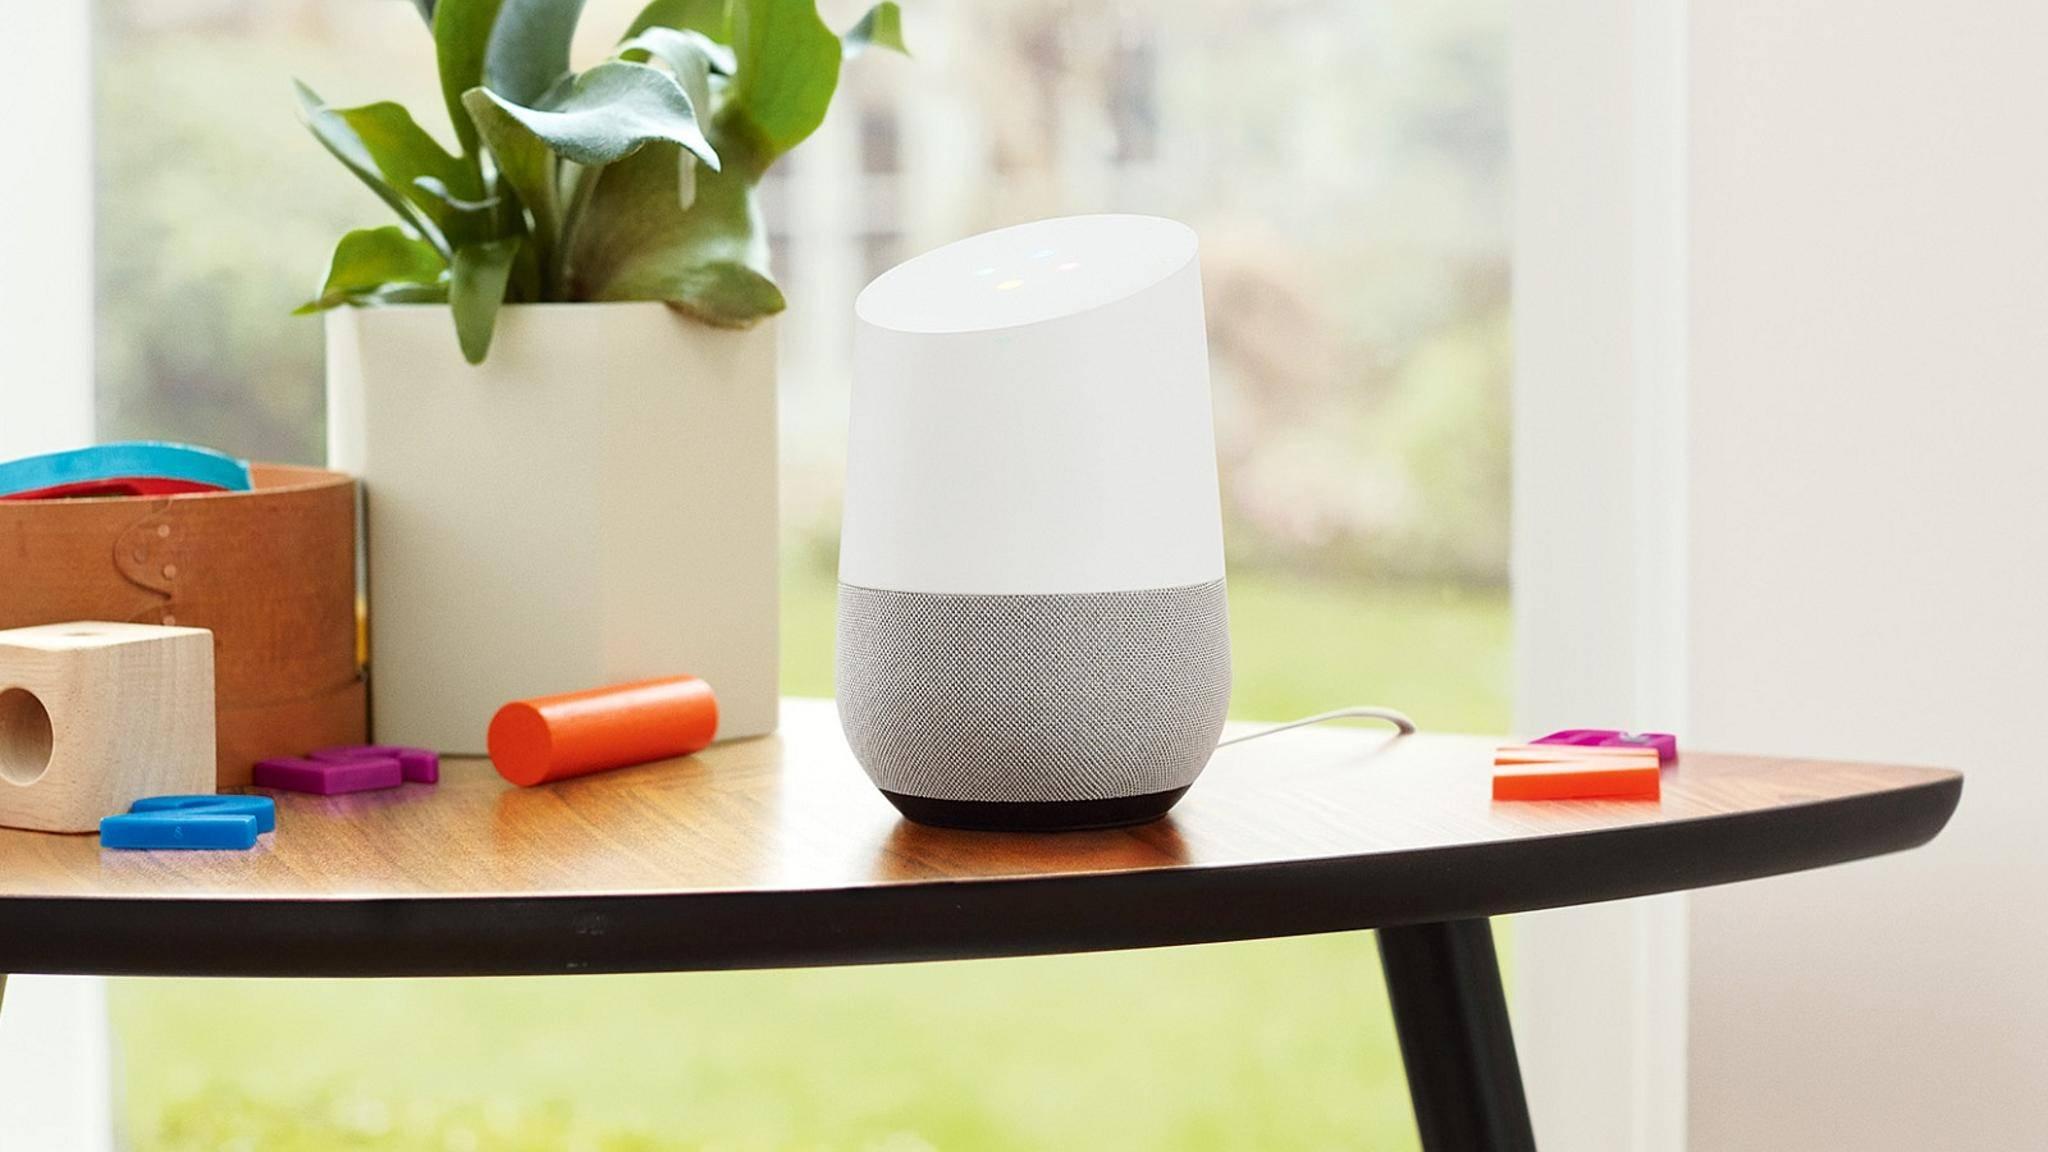 Google Home erlaubt nun die Steuerung von YouTube TV.